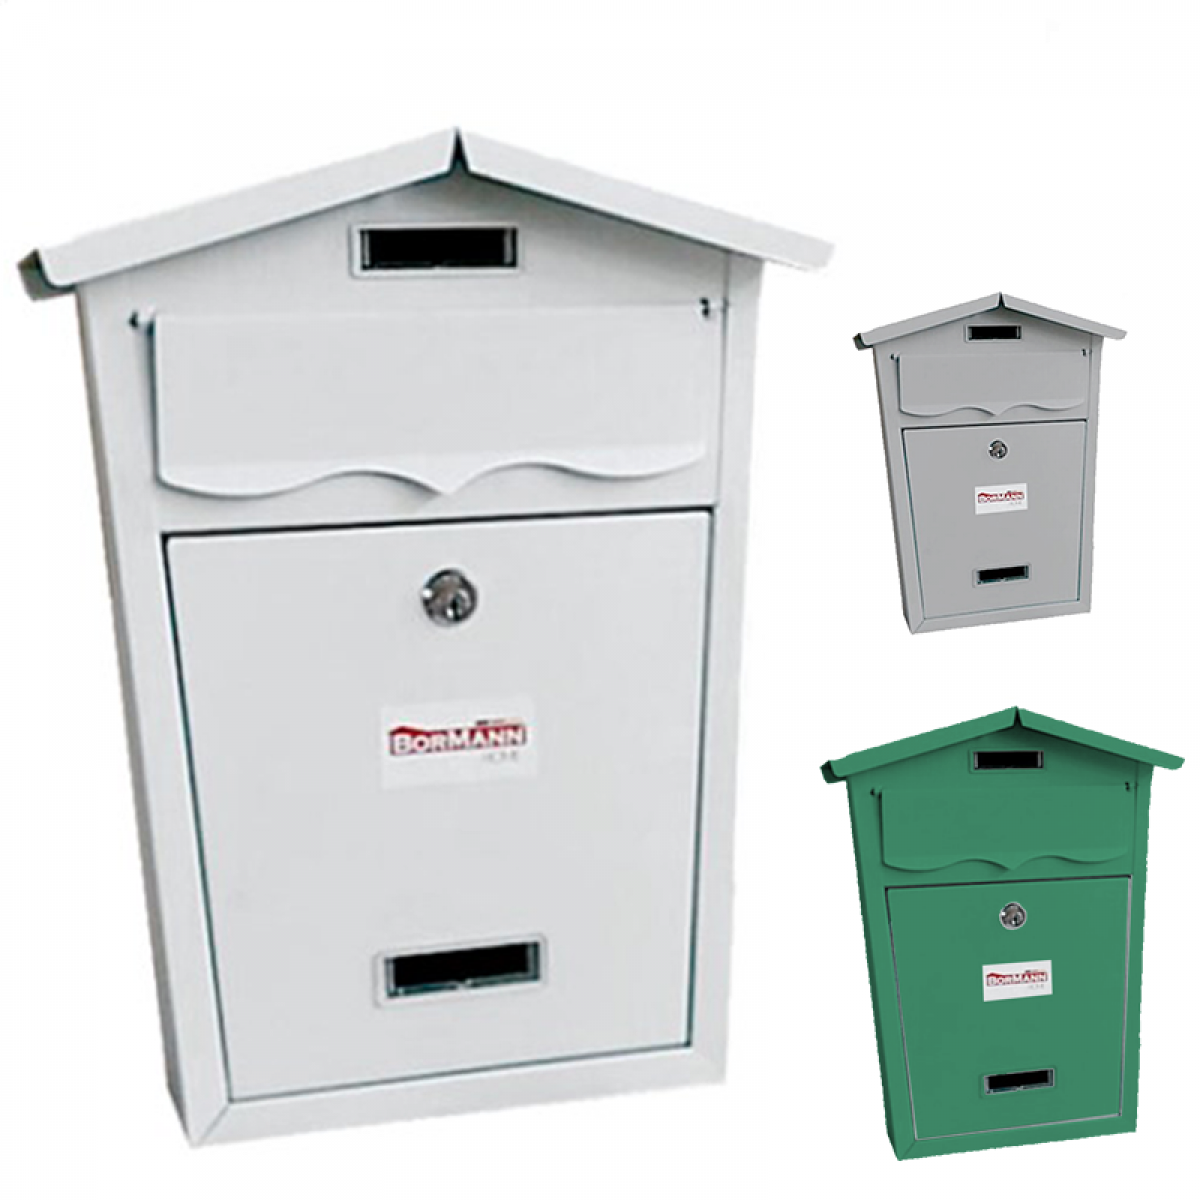 Γραμματοκιβώτιο BORMANN κυπαρισσί BMB1303 Γραμματοκιβώτιο BORMANN γκρι BMB1302 Γραμματοκιβώτιο BORMANN λευκό BMB1301